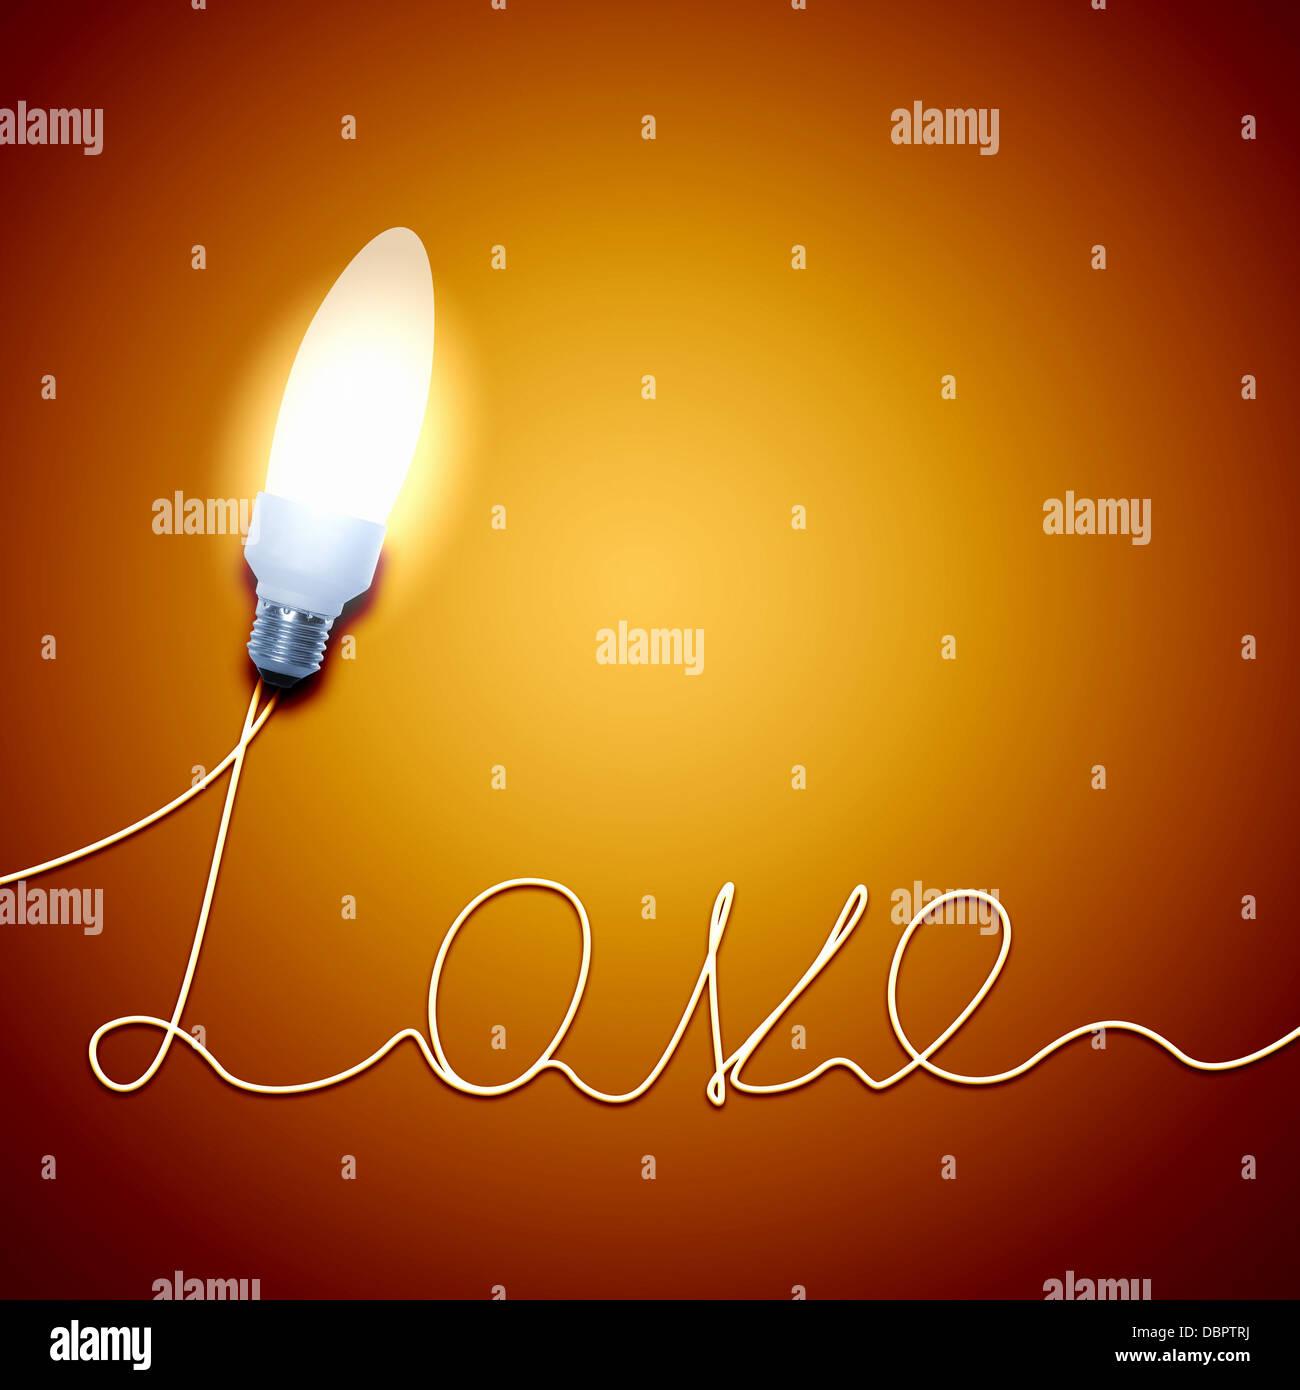 Love Light Bulb - Stock Image